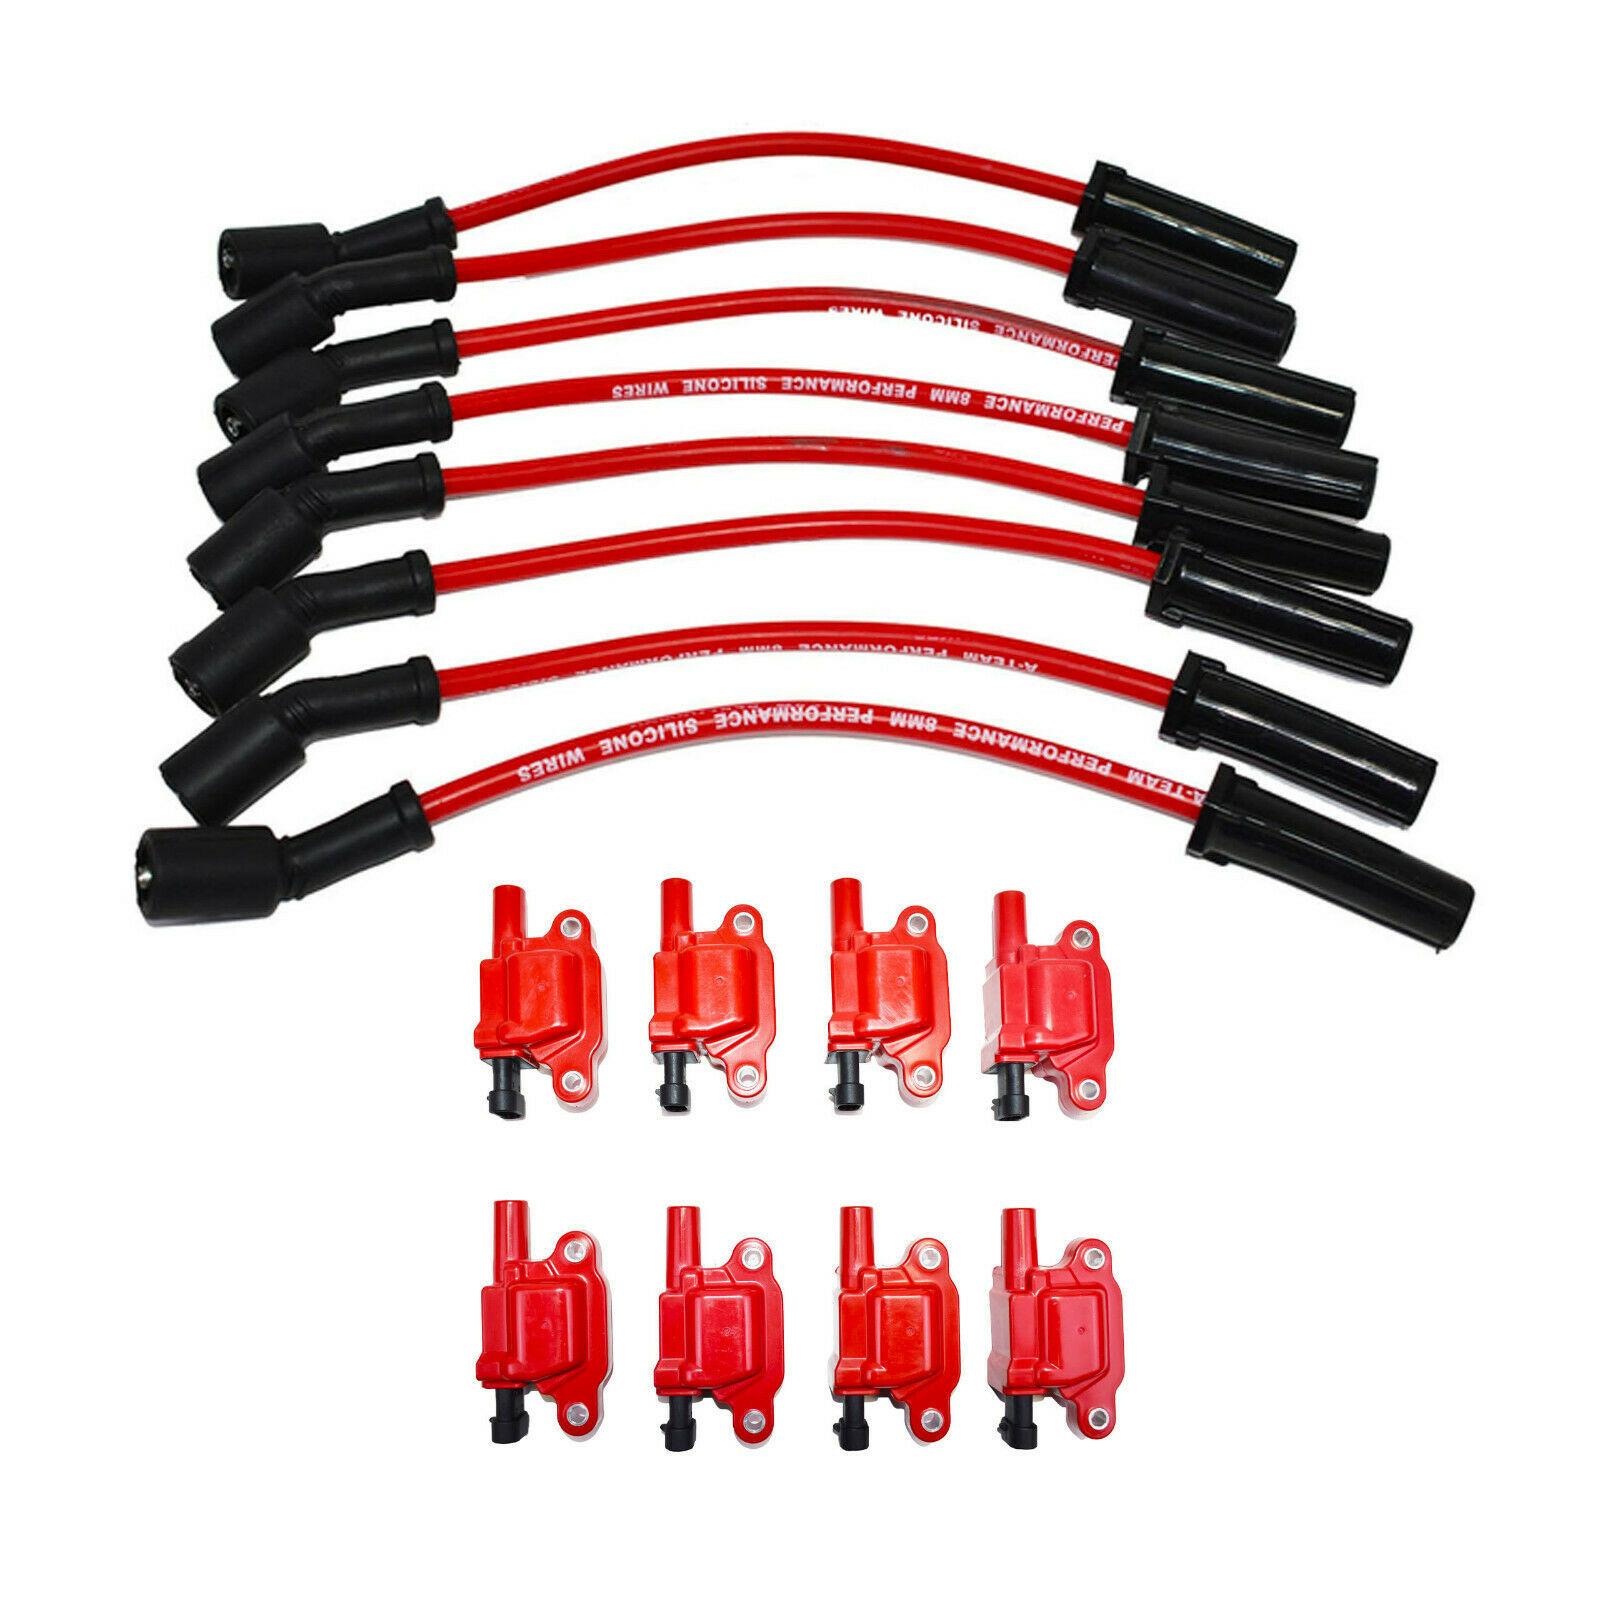 """Chevrolet GM GMC LS LSX LS1 LS2 LS3 LS6 8 Coils & 11"""" 8mm Spark Plug Wires D510C"""